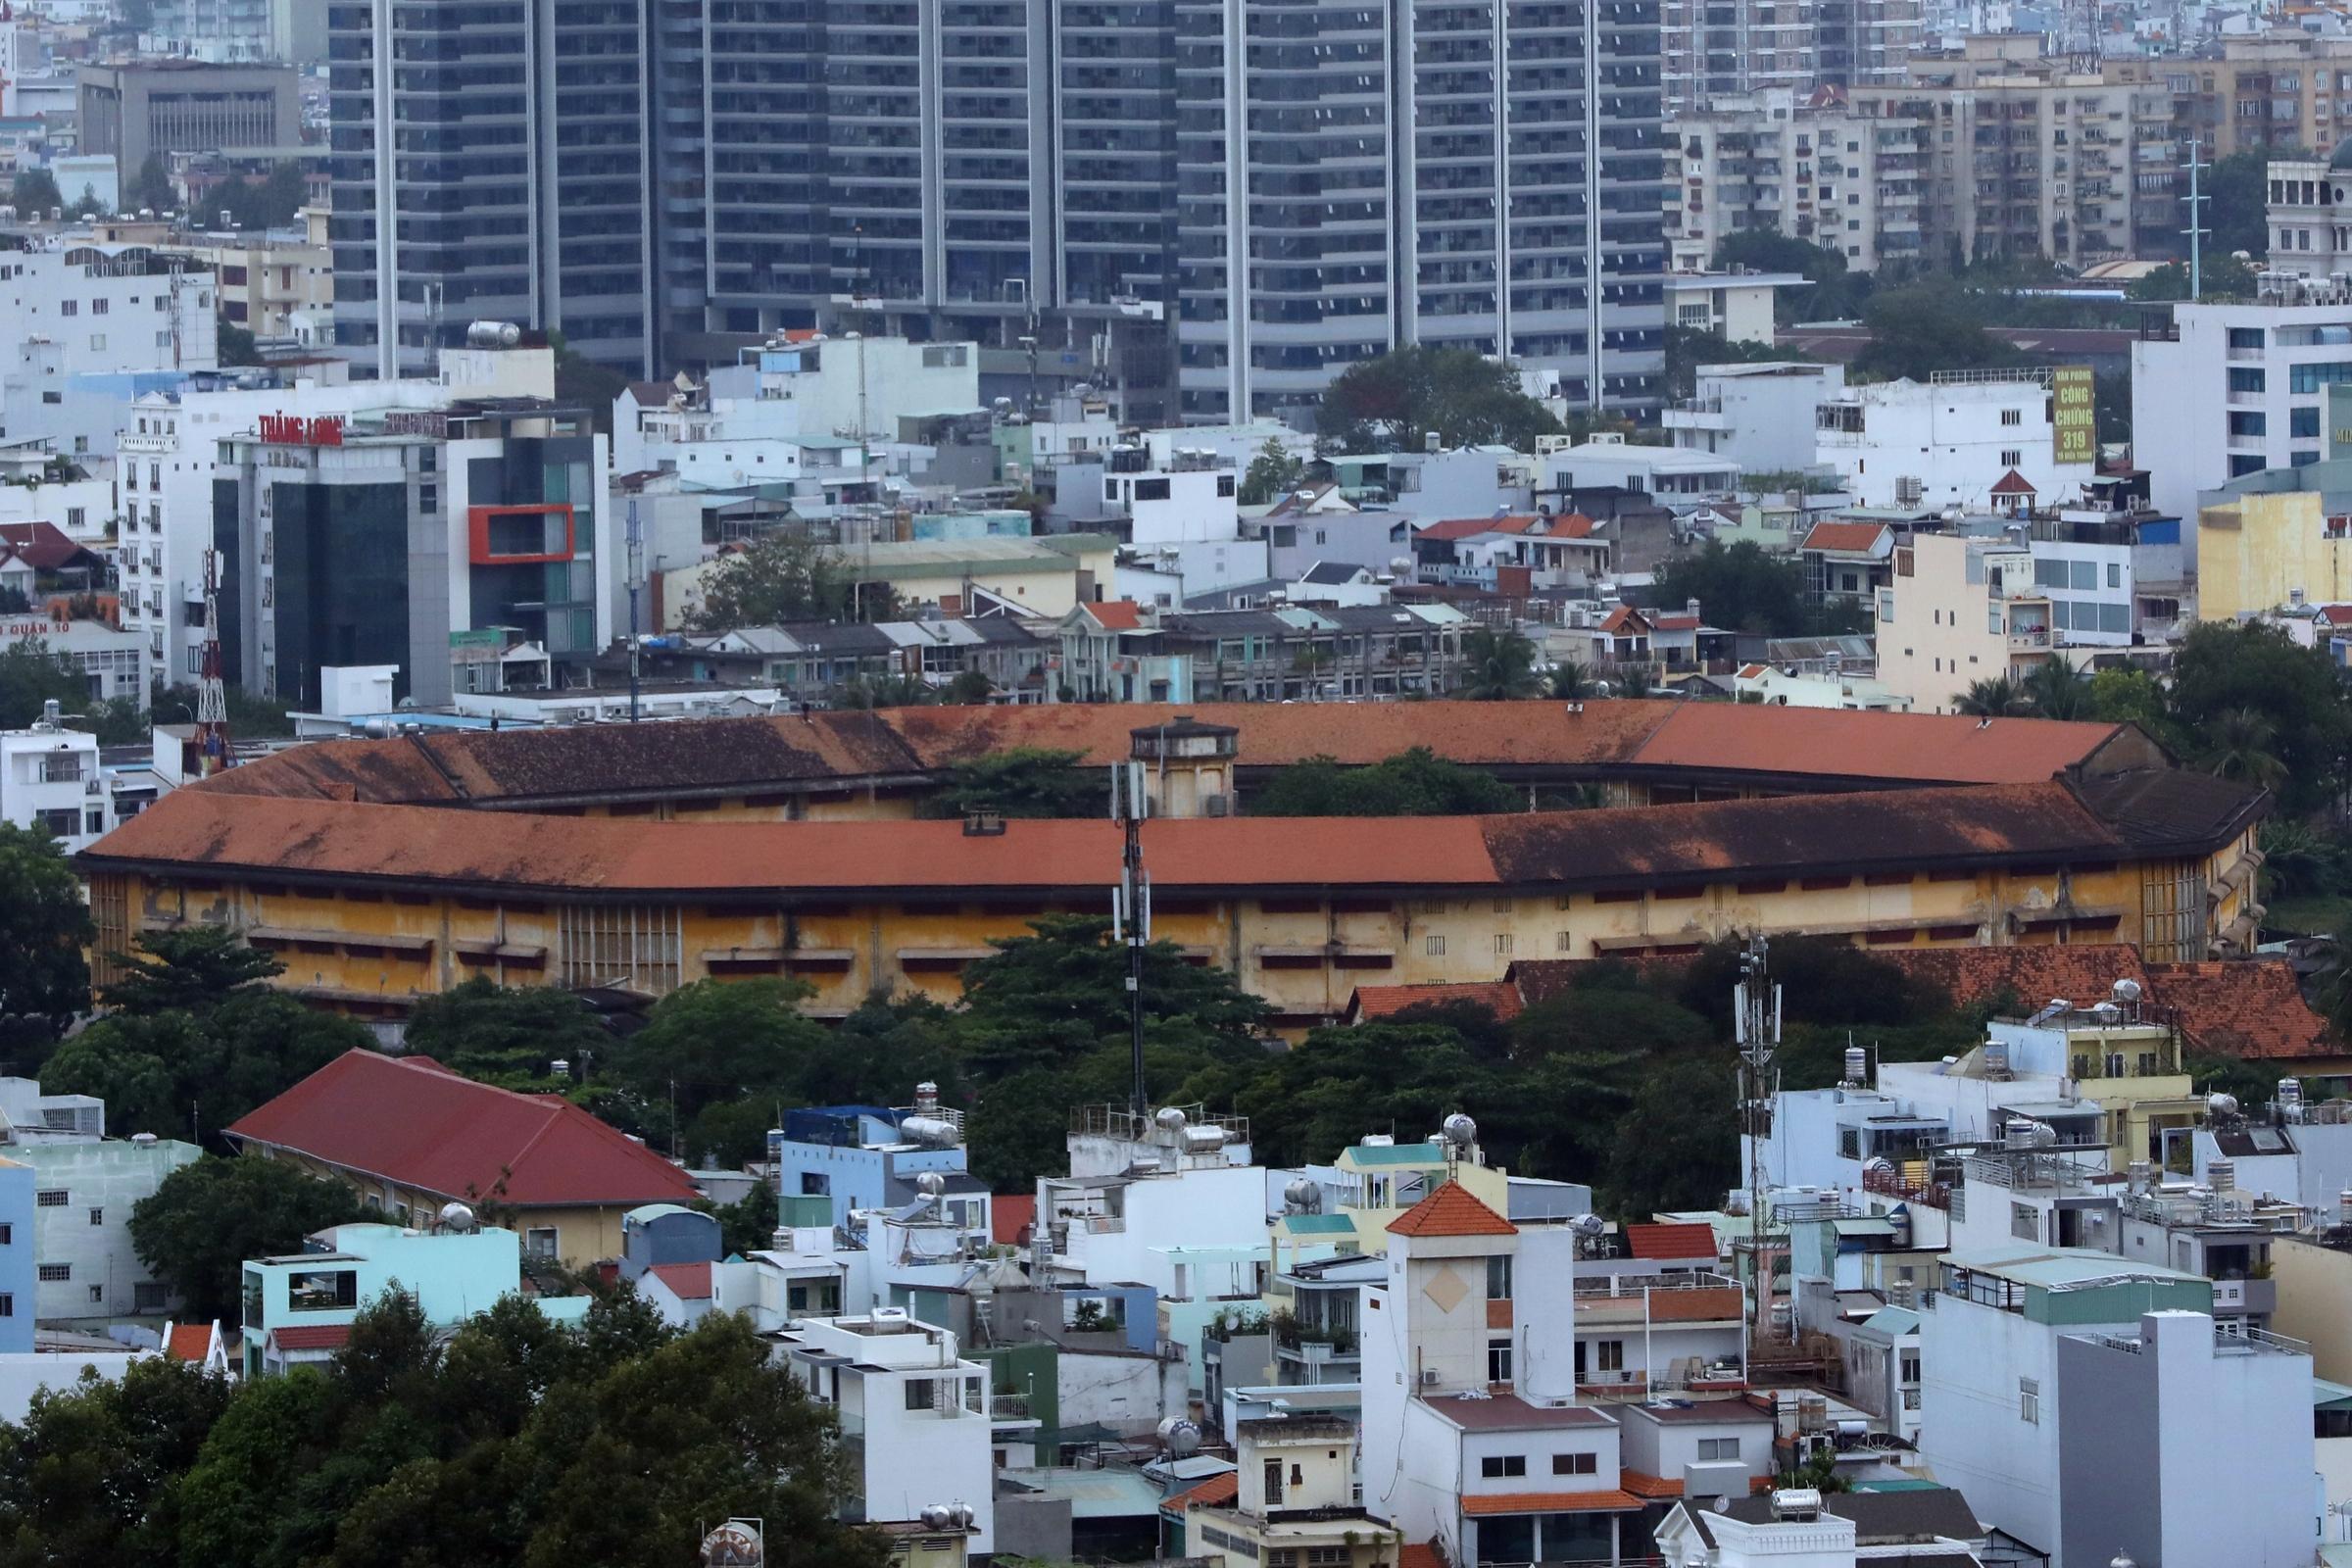 Trại tạm giam Chí Hòa, quận 10, tháng 12/2019. Ảnh: Hữu Khoa.